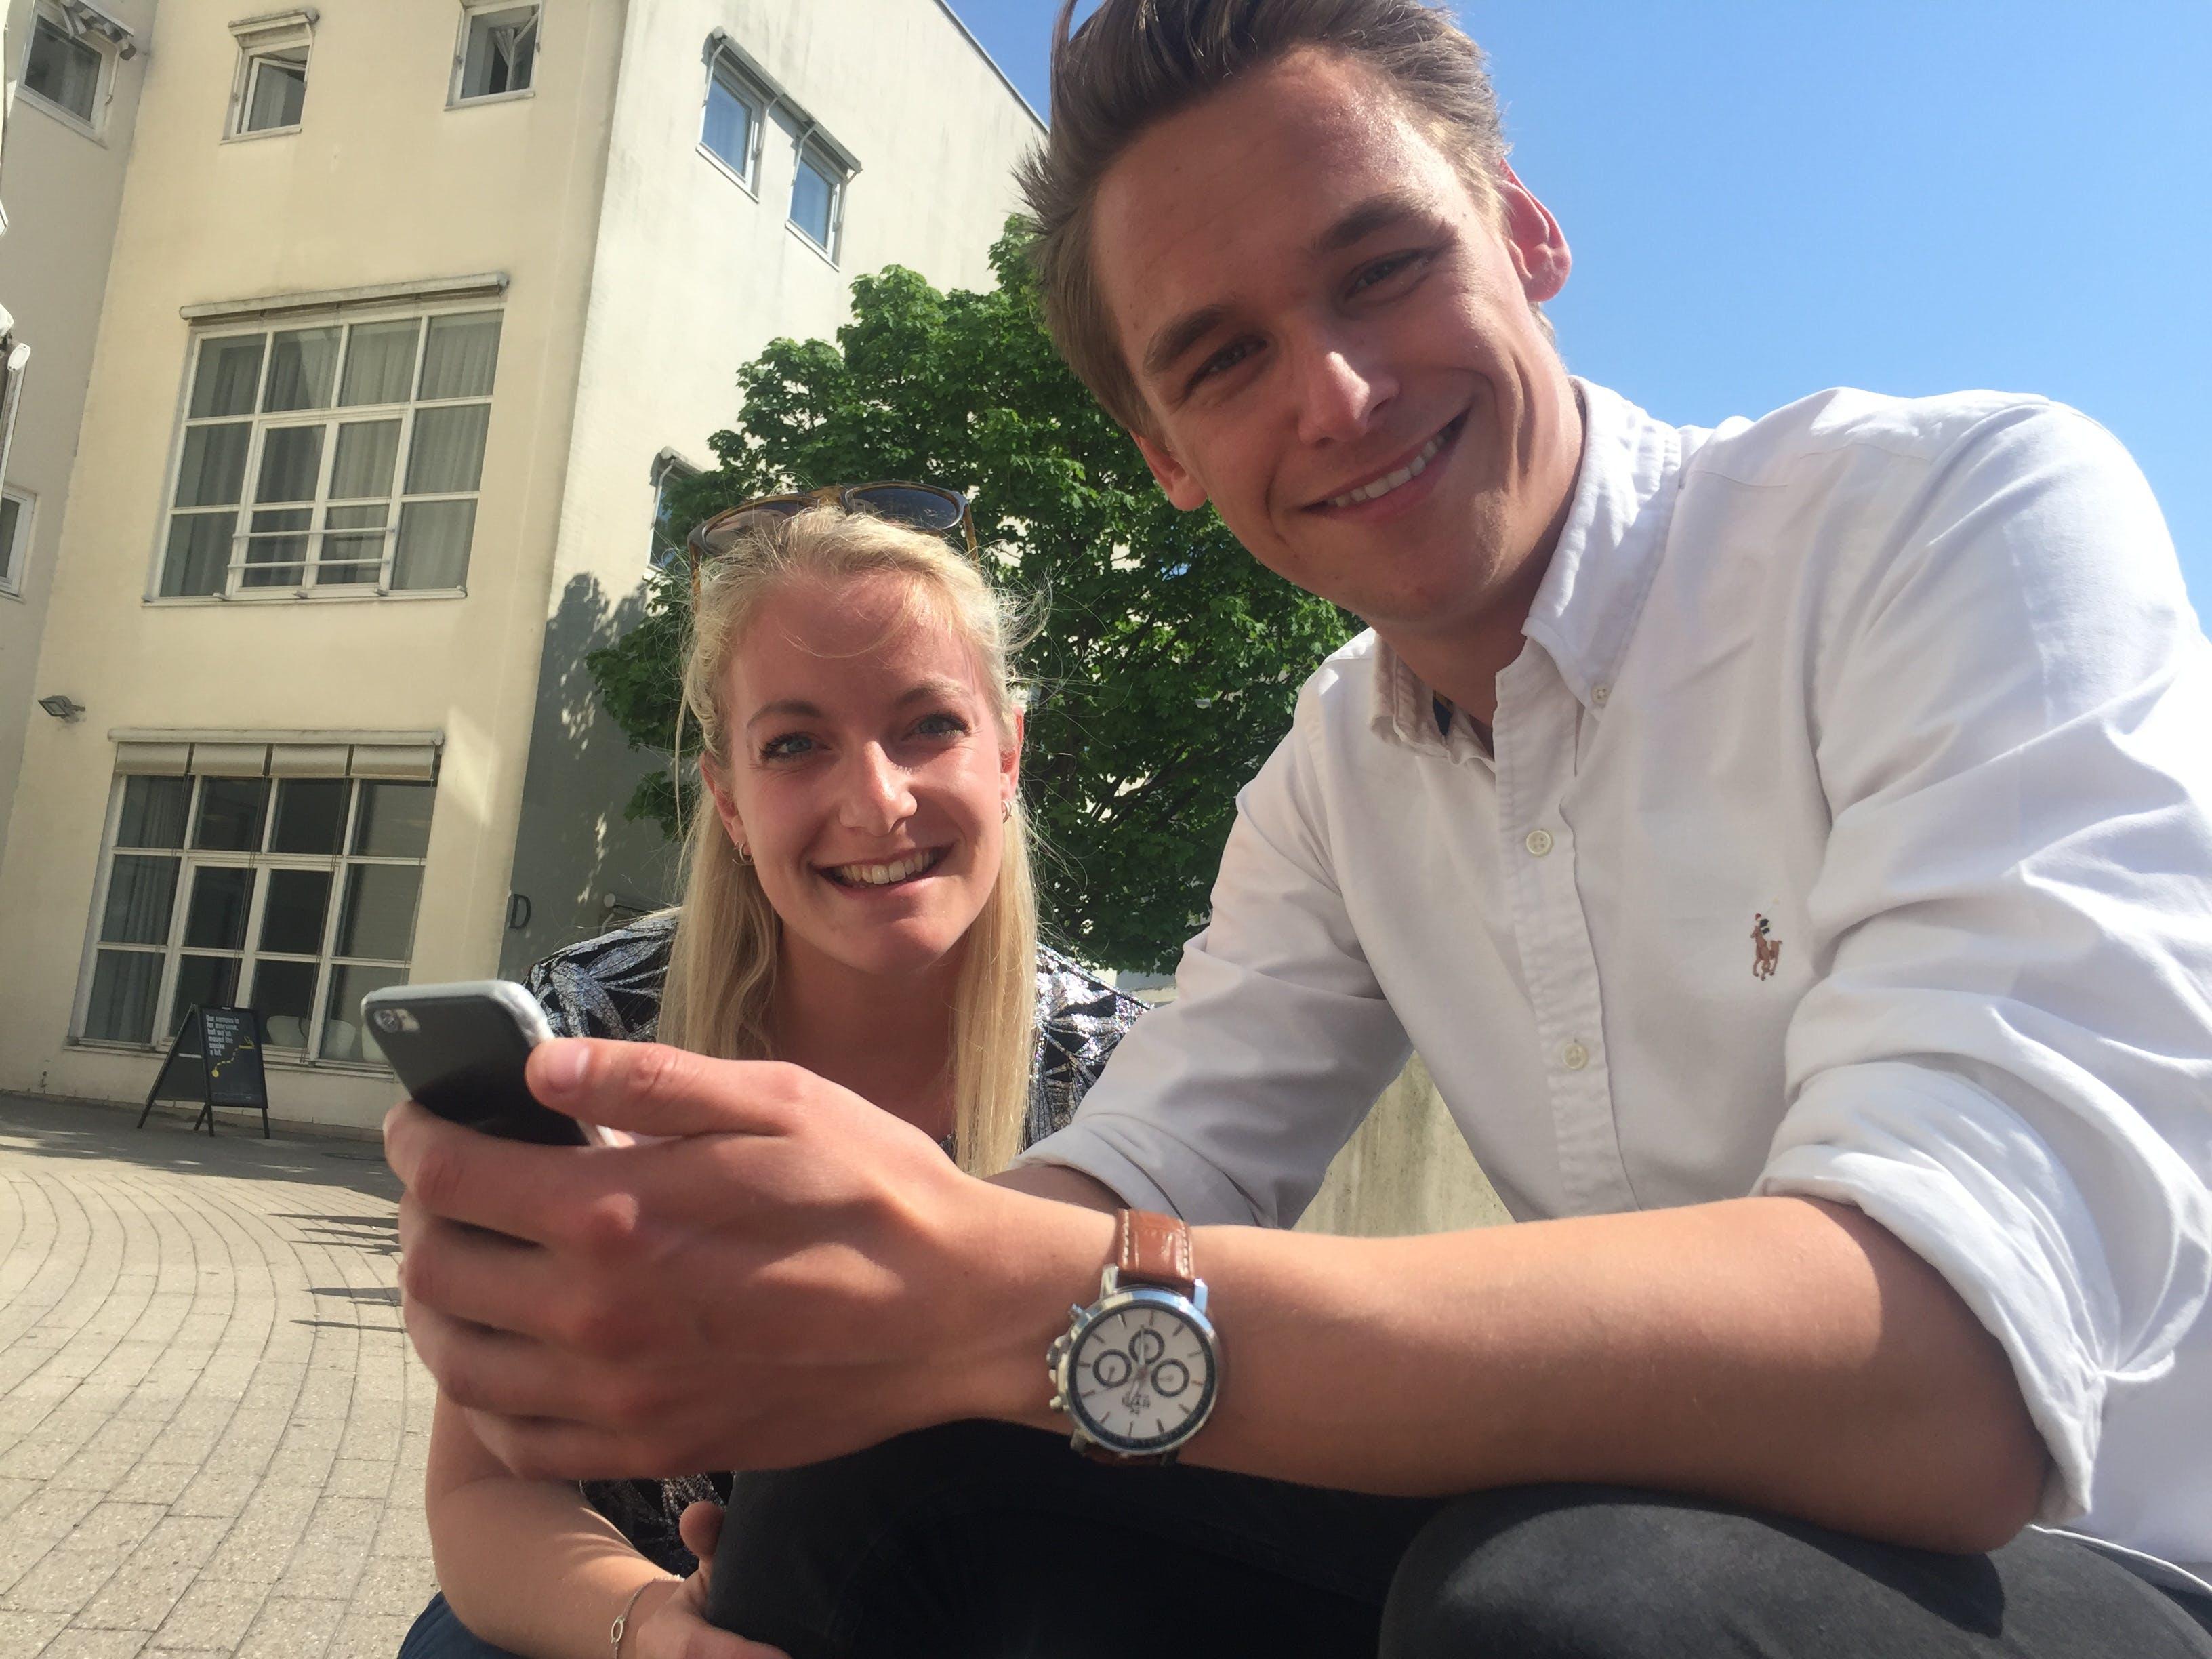 bedste måde at blive gravid på tinder dating dk